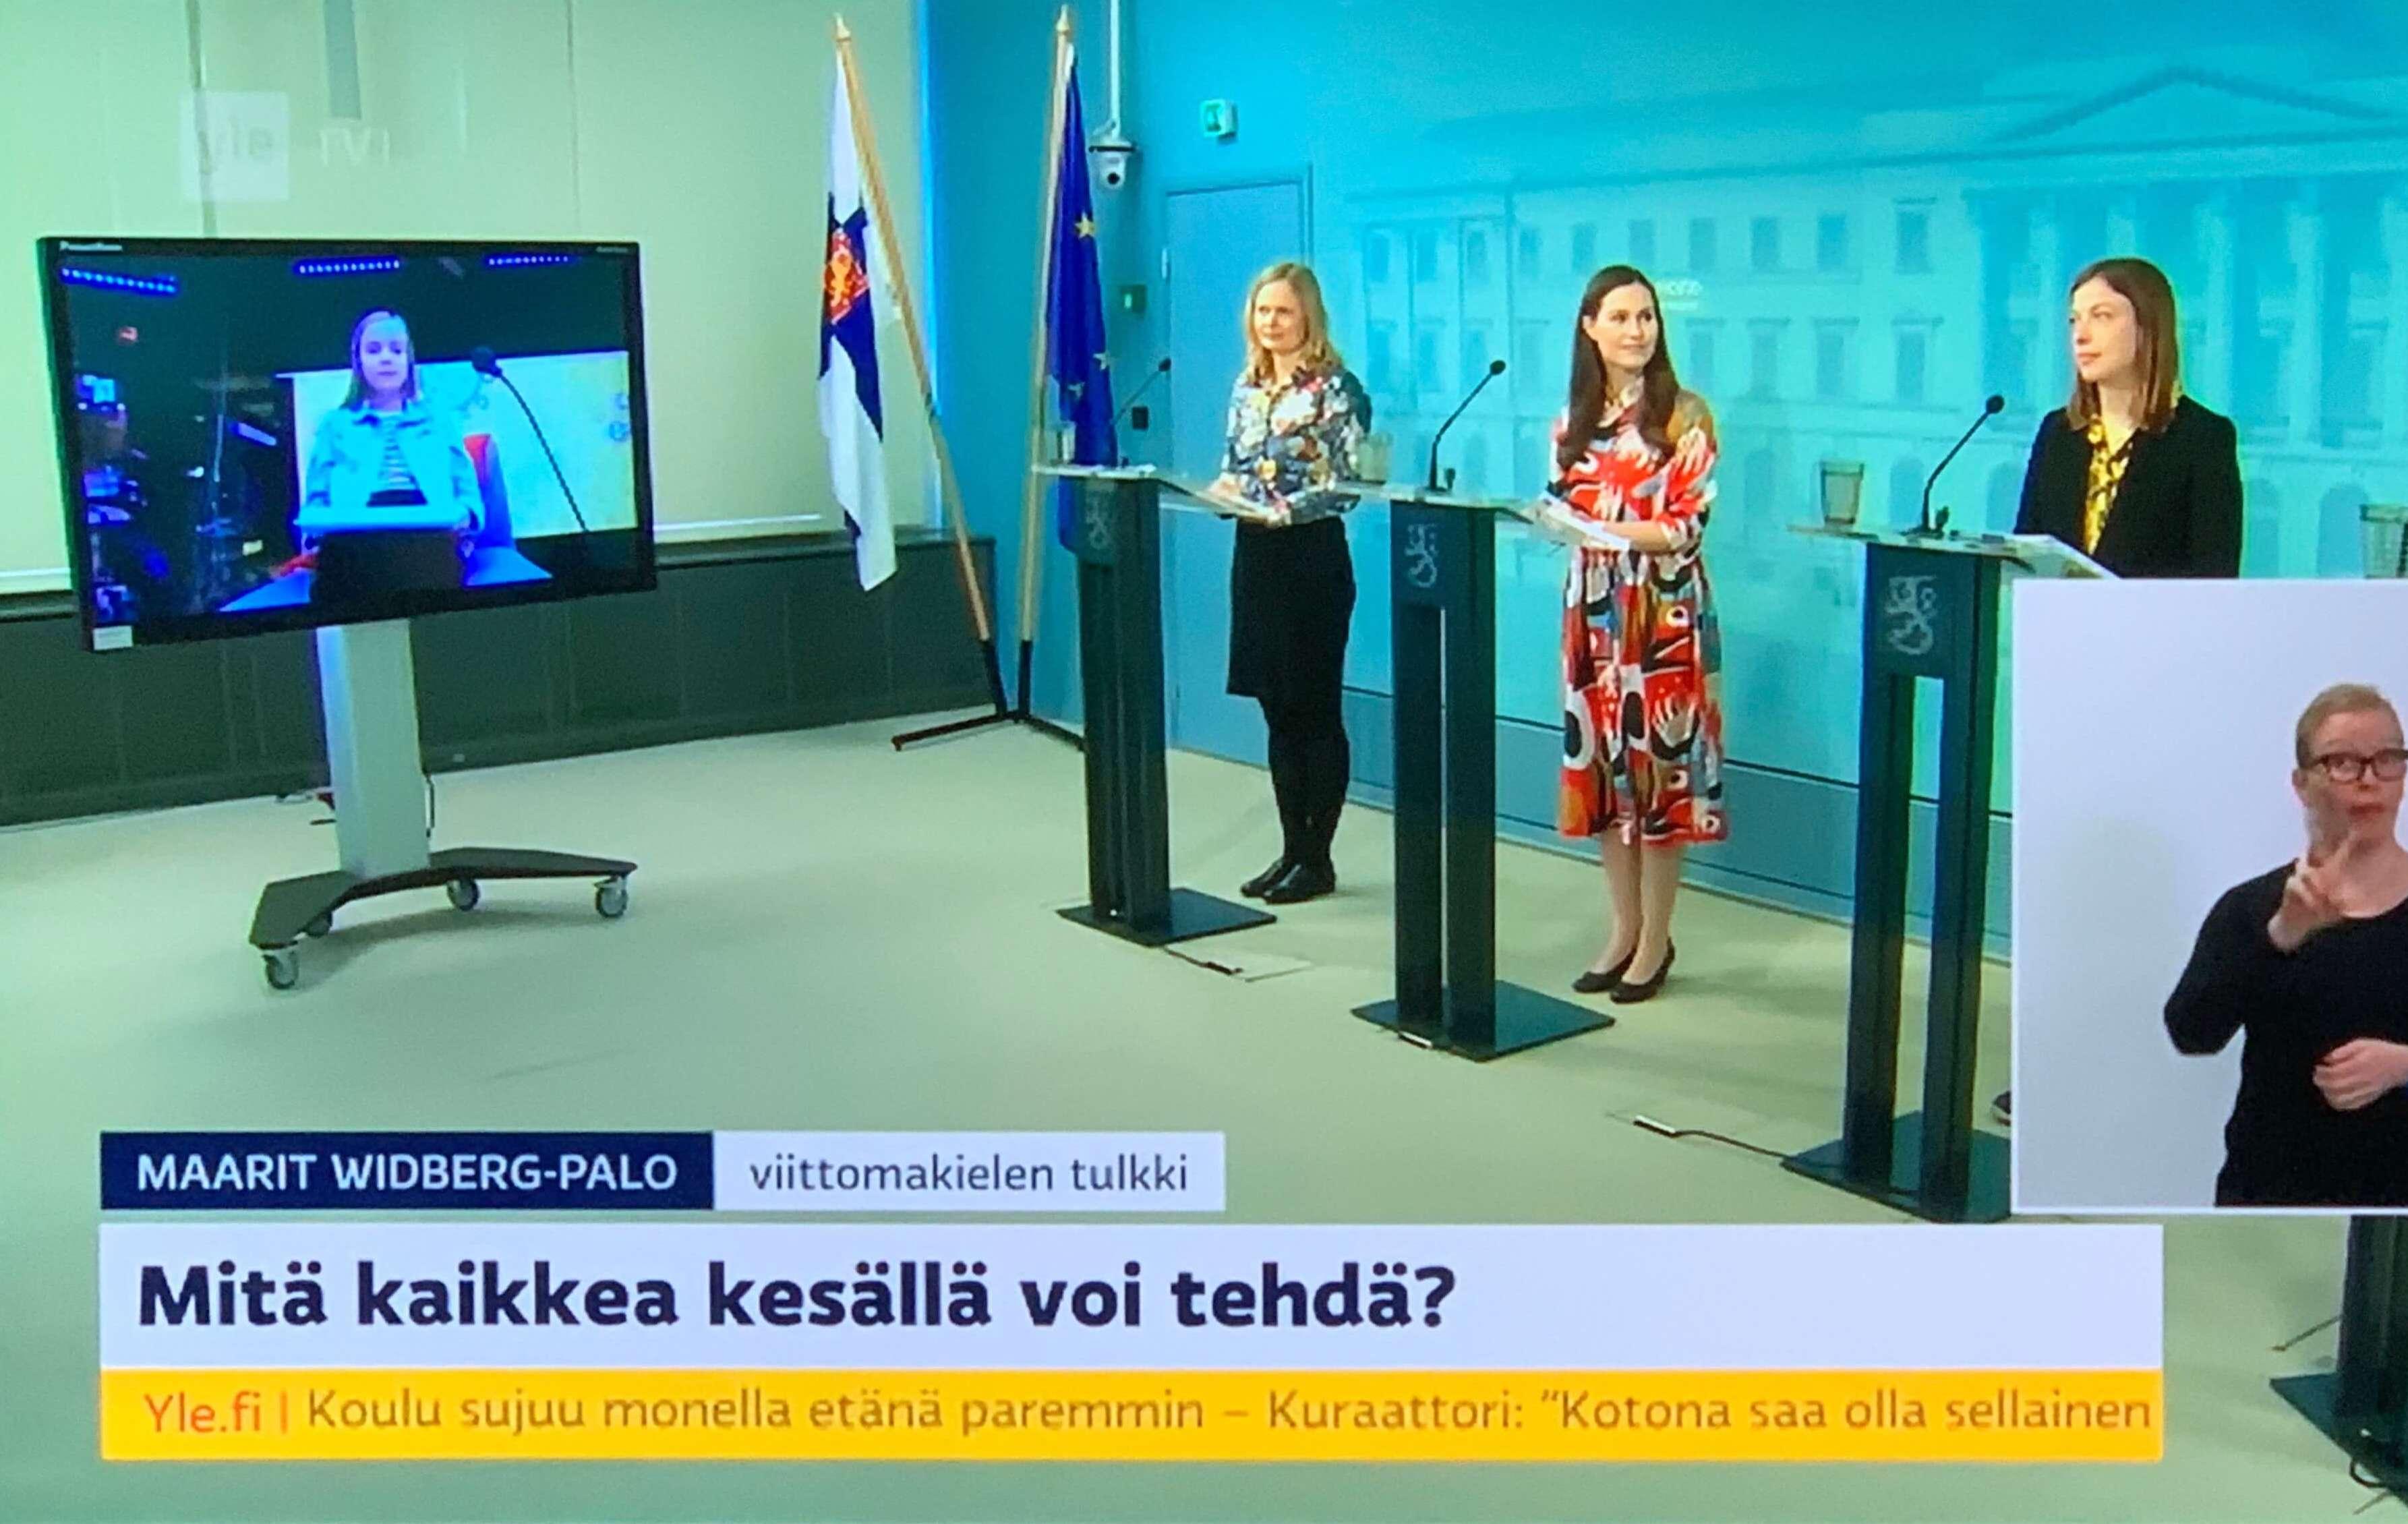 """「34歳の若き首相を生んだフィンランドが教えてくれた""""信頼する""""ということ」〜 コロナの時に国をまとめる若きリーダー 〜"""